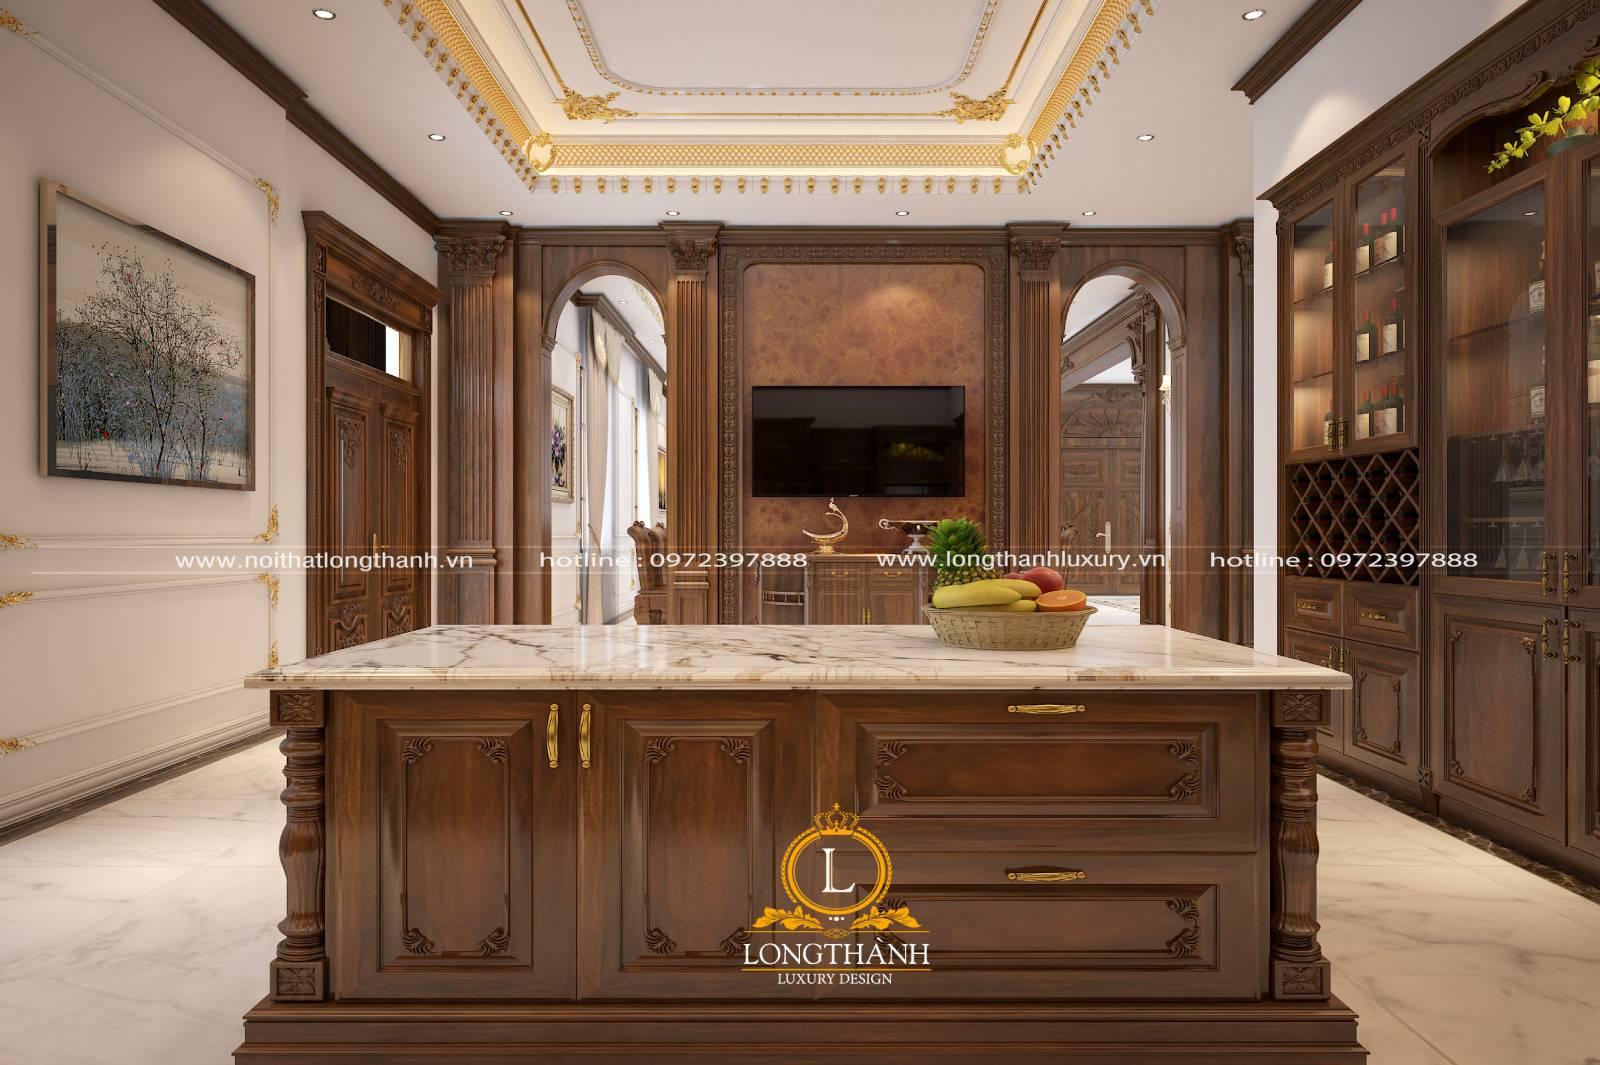 Tủ bếp gỗ Gõ LT08 kết hợp bàn đảo